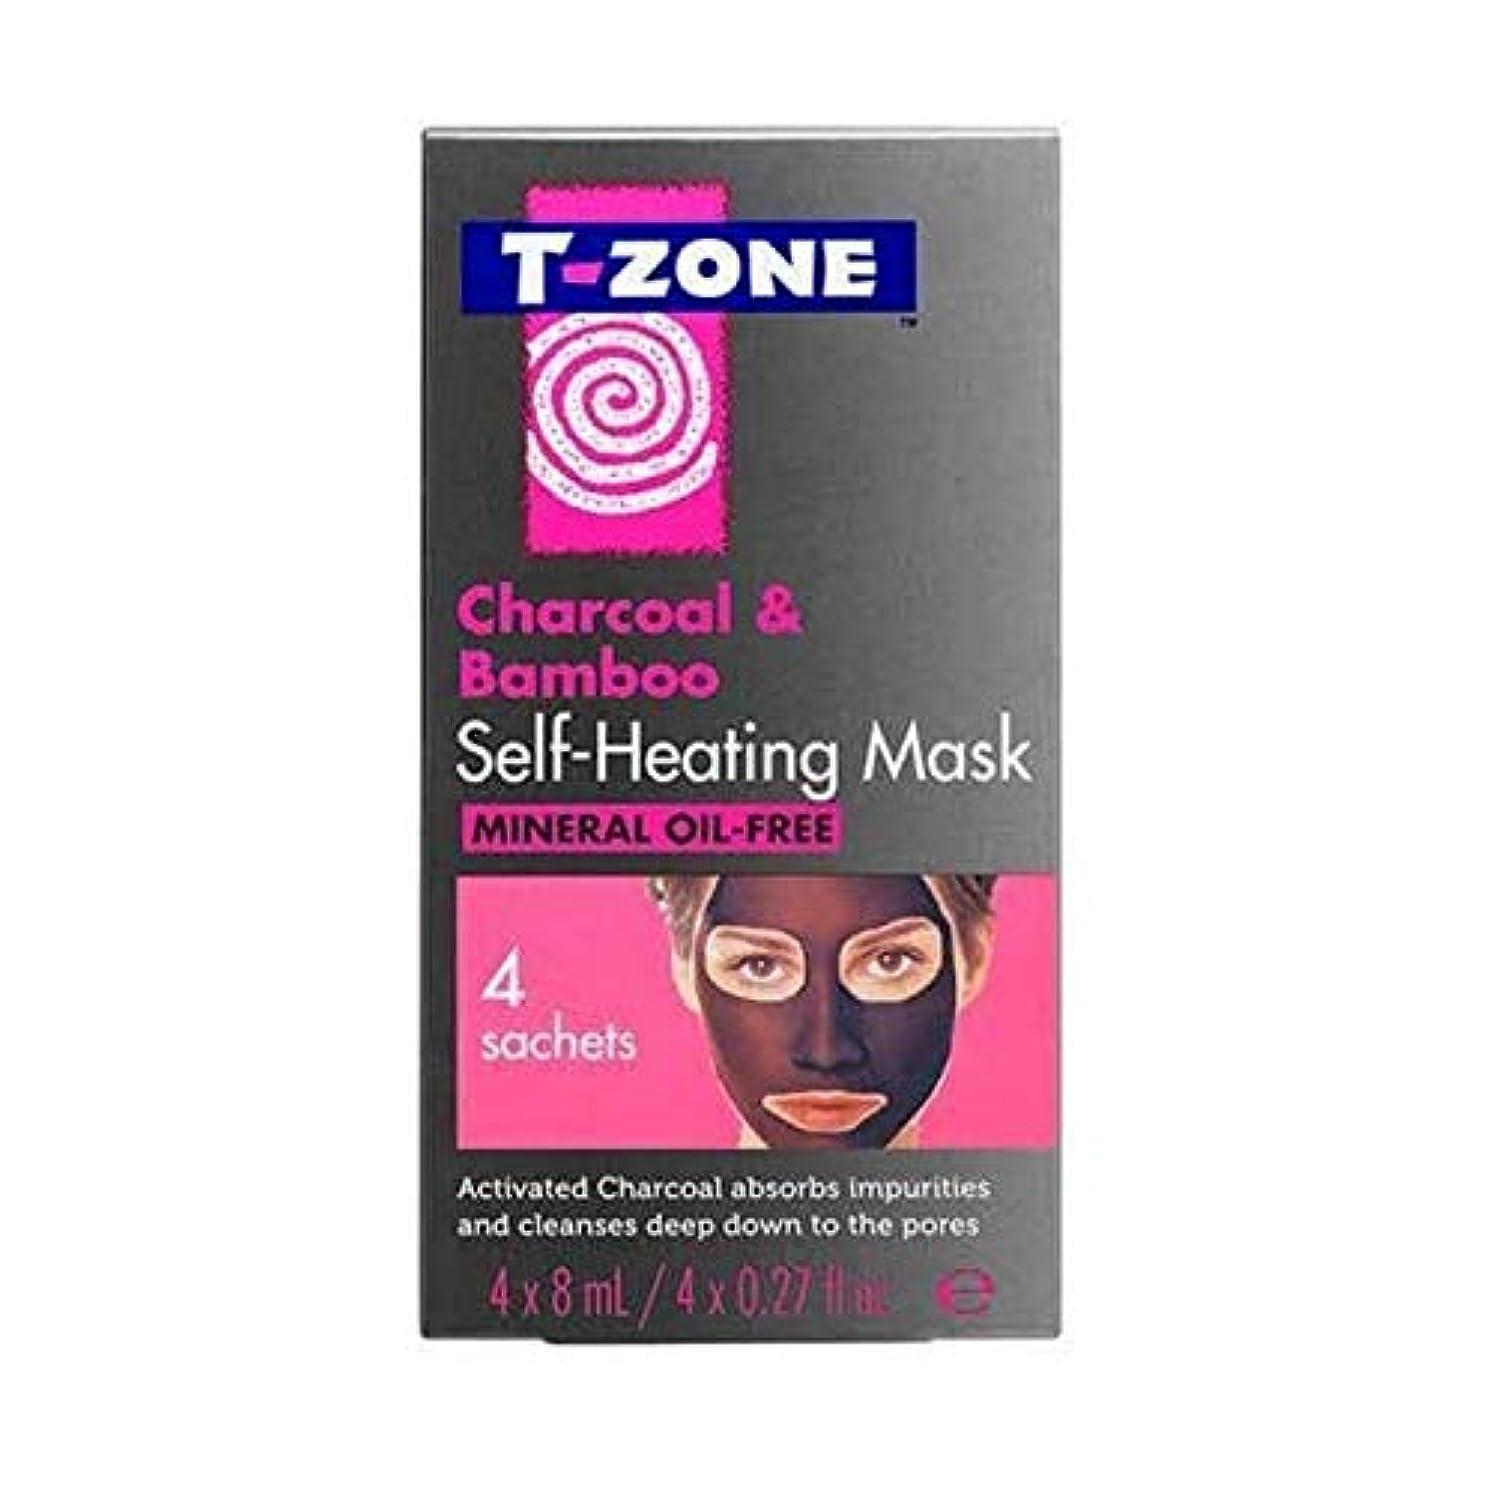 テロリストマルクス主義有益[T-Zone] Tゾーン木炭&竹自己発熱マスク4×8ミリリットル - T-Zone Charcoal & Bamboo Self Heating Mask 4 x 8ml [並行輸入品]